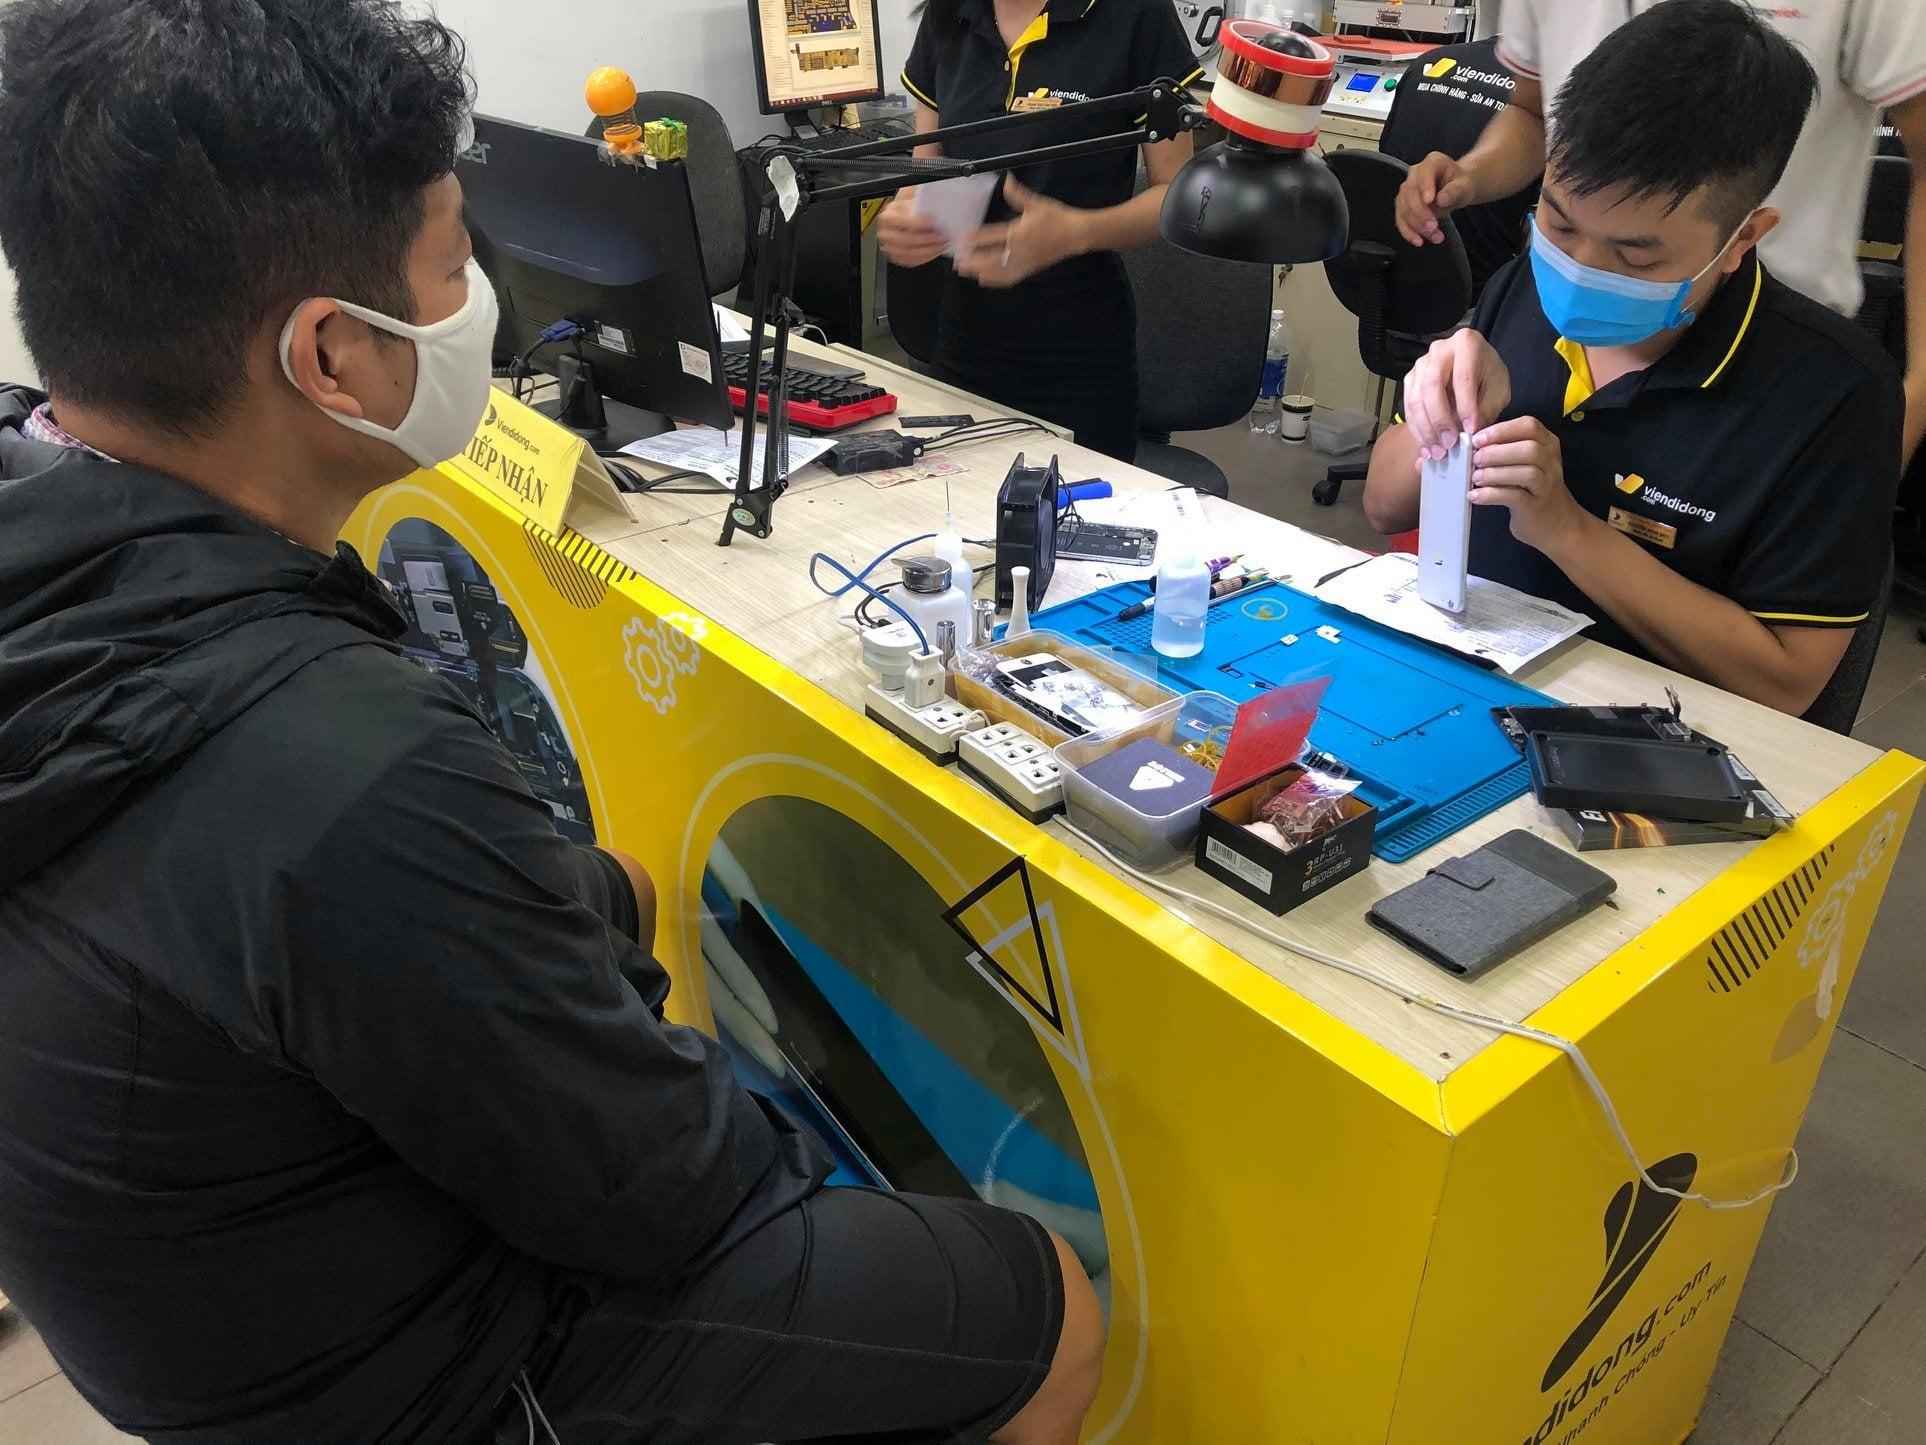 Viện Di Động - cơ sở sửa chữa uy tín cho các dòng Smartphone, iPad, Apple Watch...